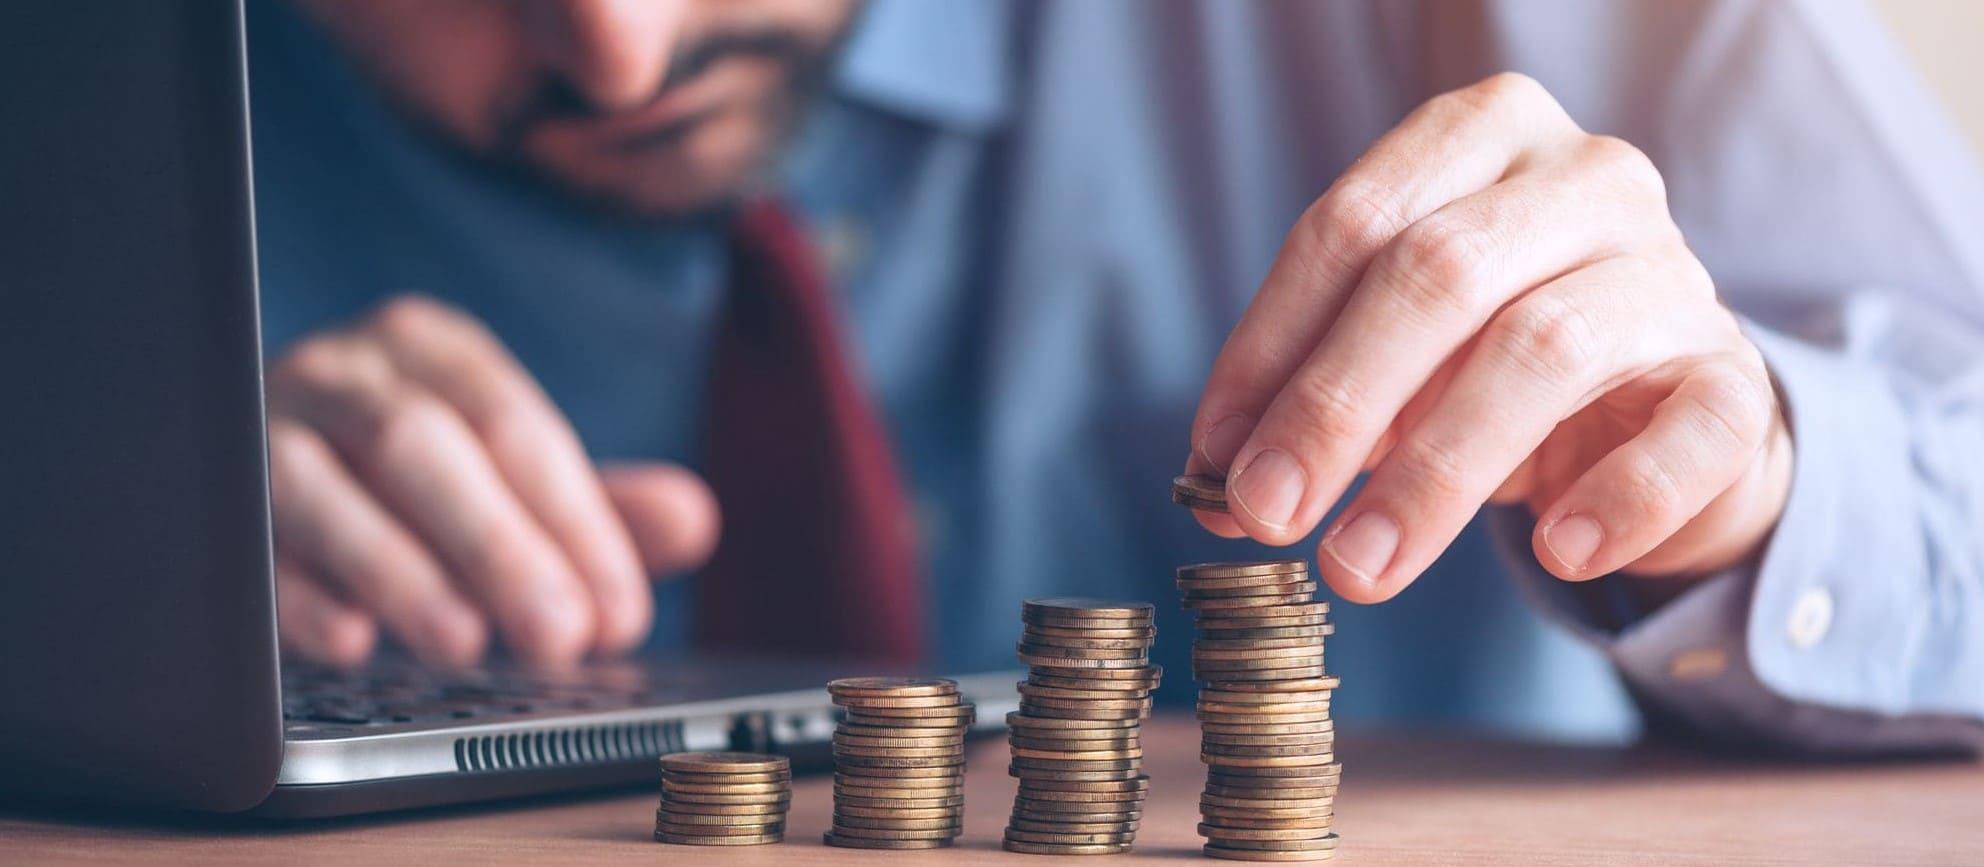 7 dicas de Redução de Custos que você não pode perder!